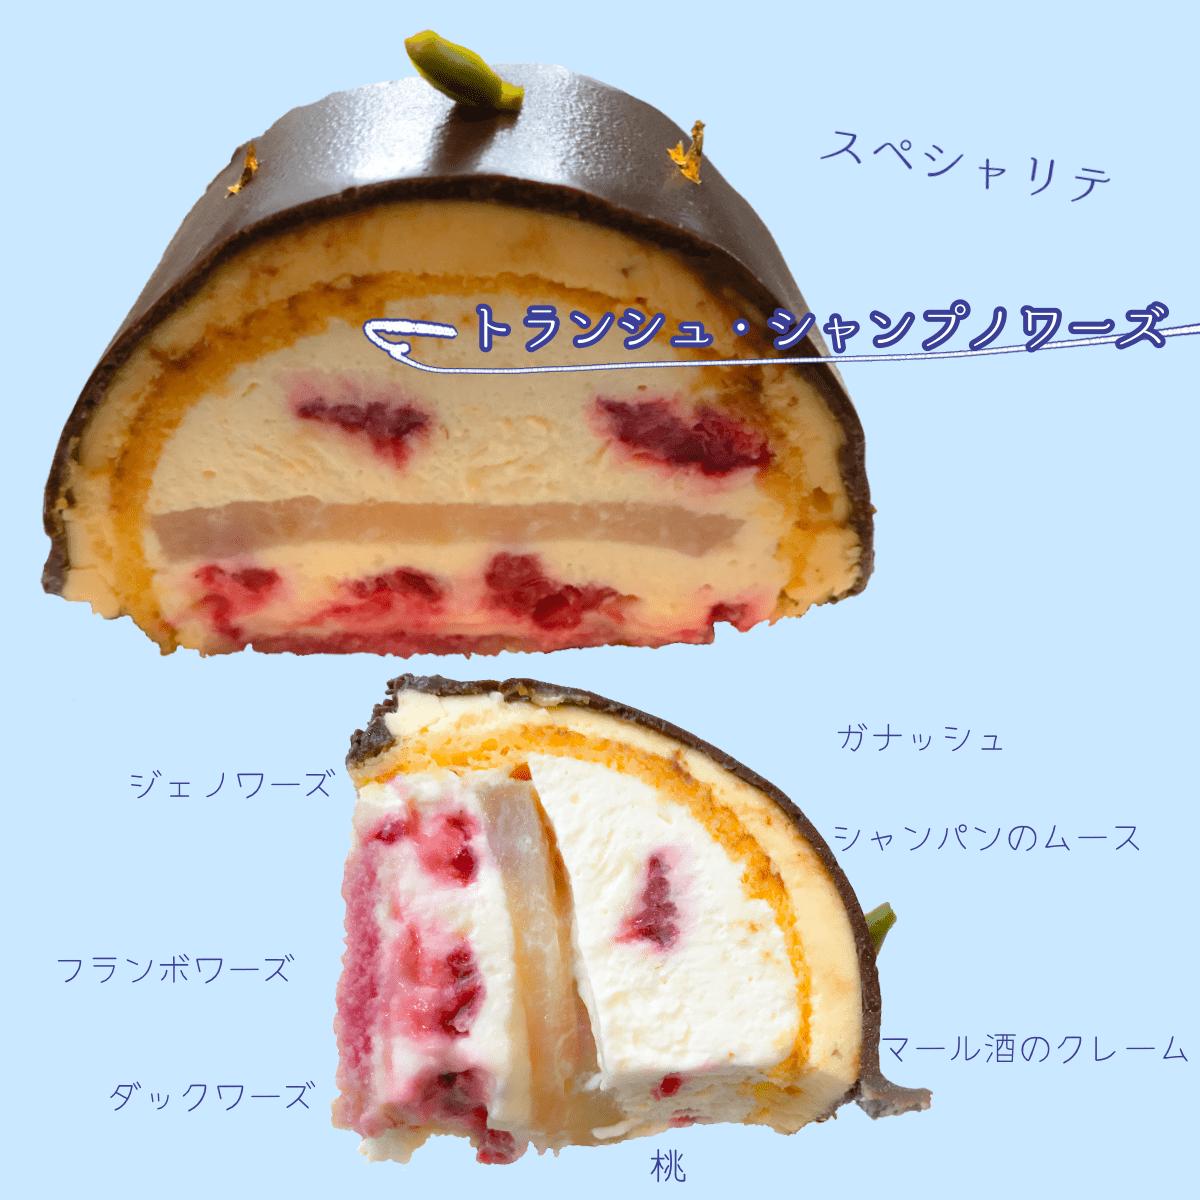 イルプルーのケーキ【スペシャリテ】トランシュ・シャンプノワーズ